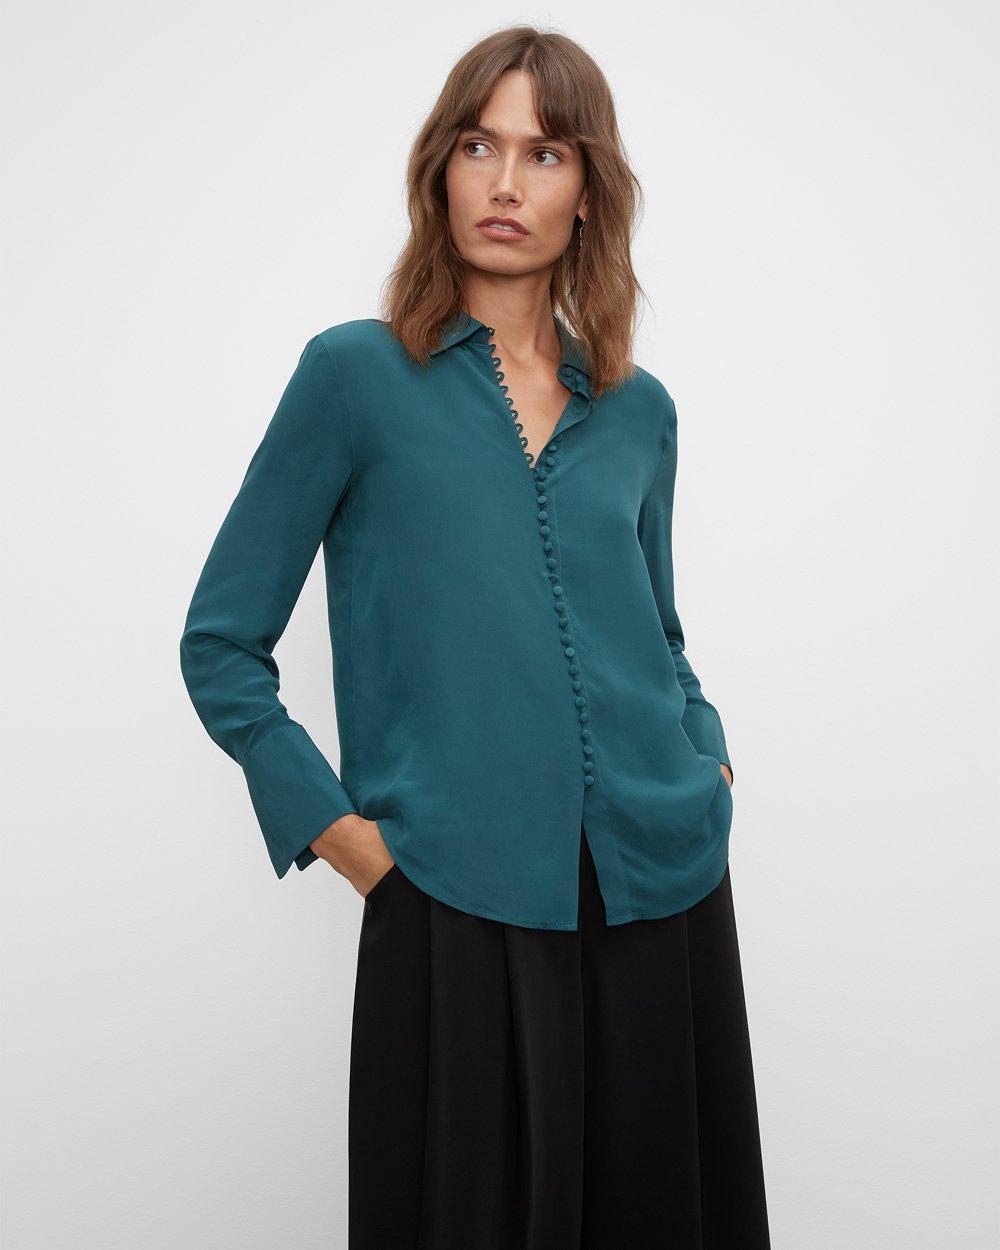 Clubmonaco Helek Silk Shirt